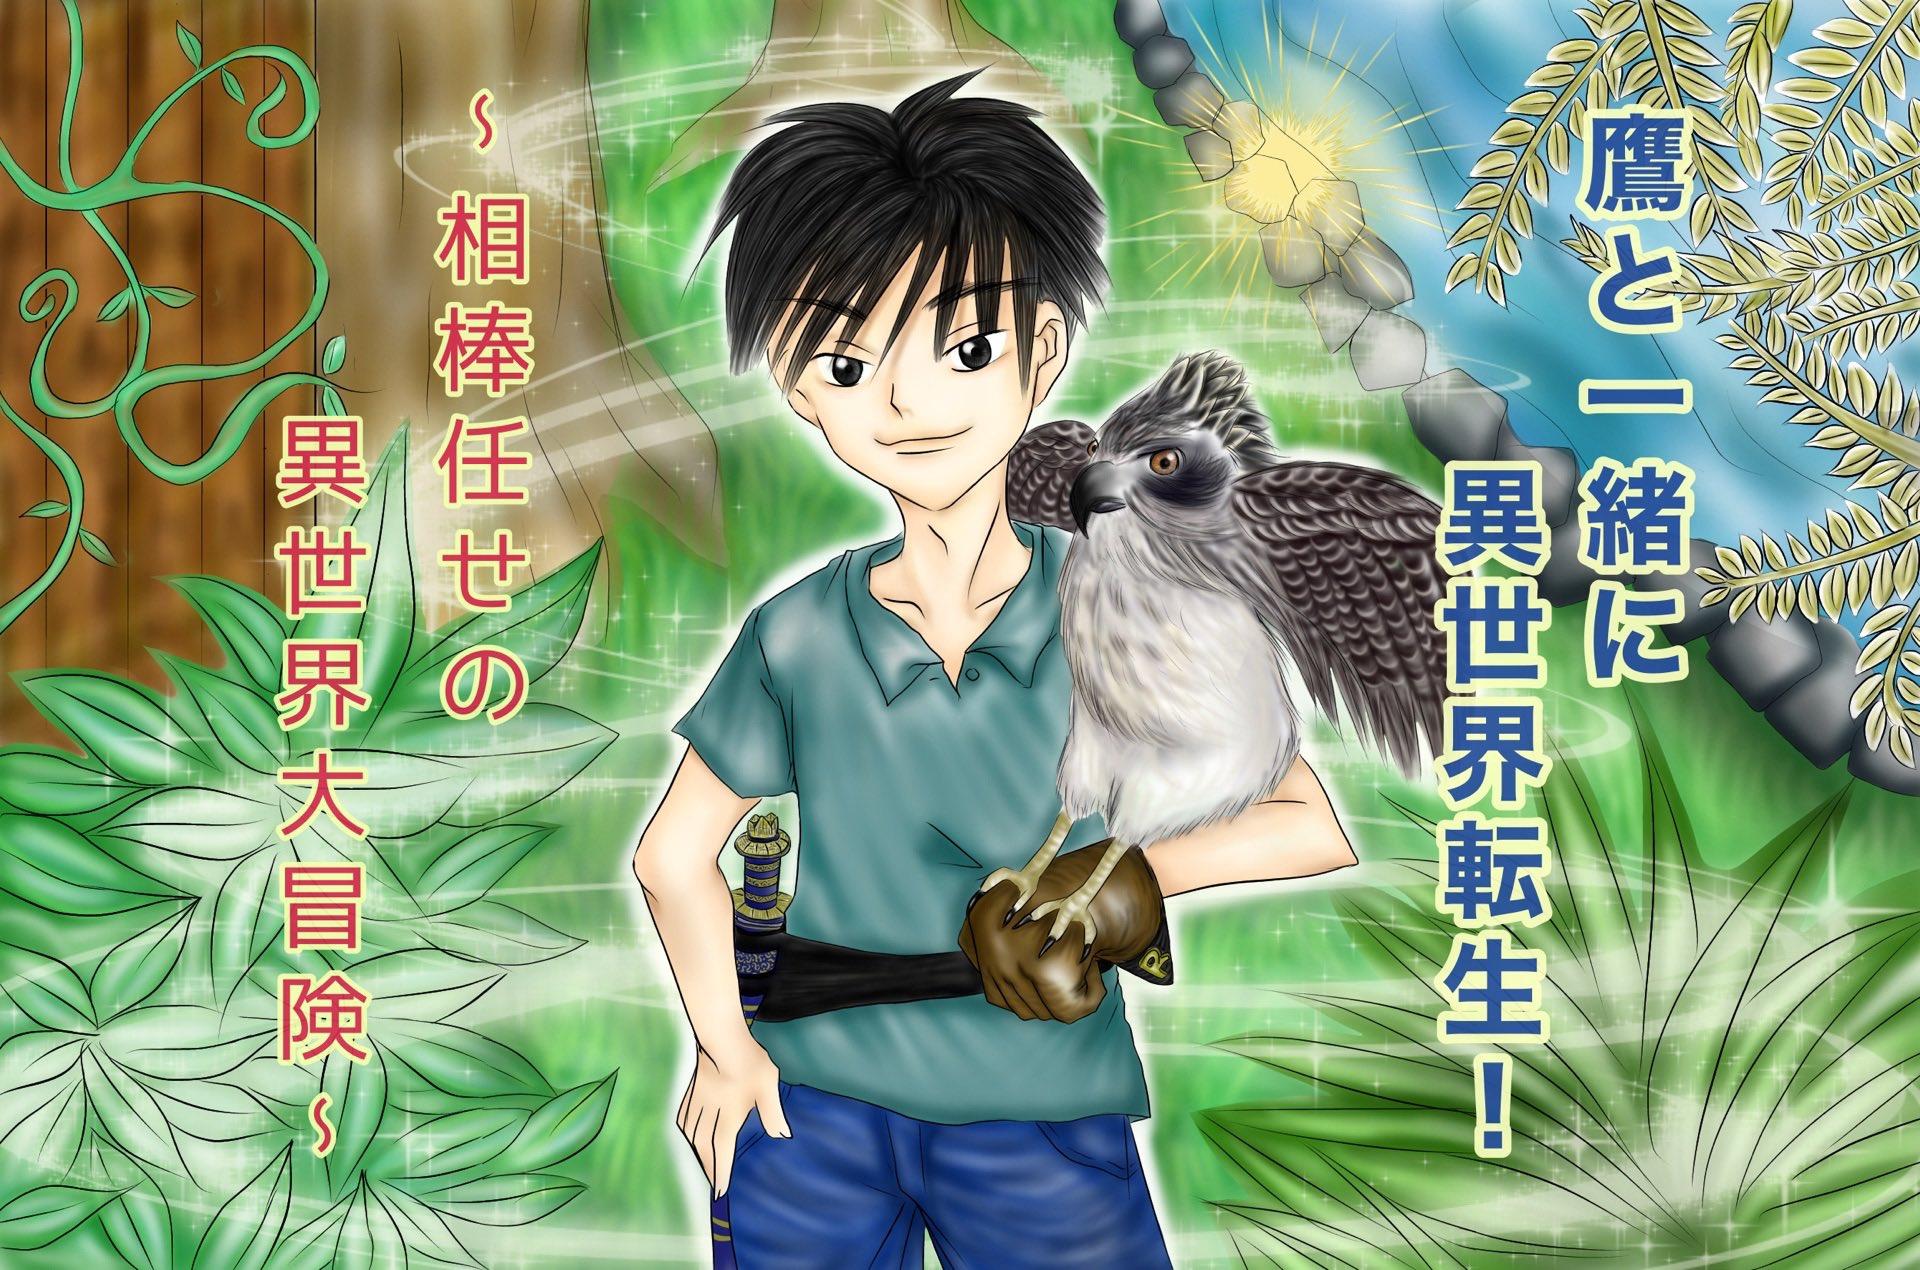 鷹と一緒に異世界転生 〜相棒任せの大冒険!〜の表紙